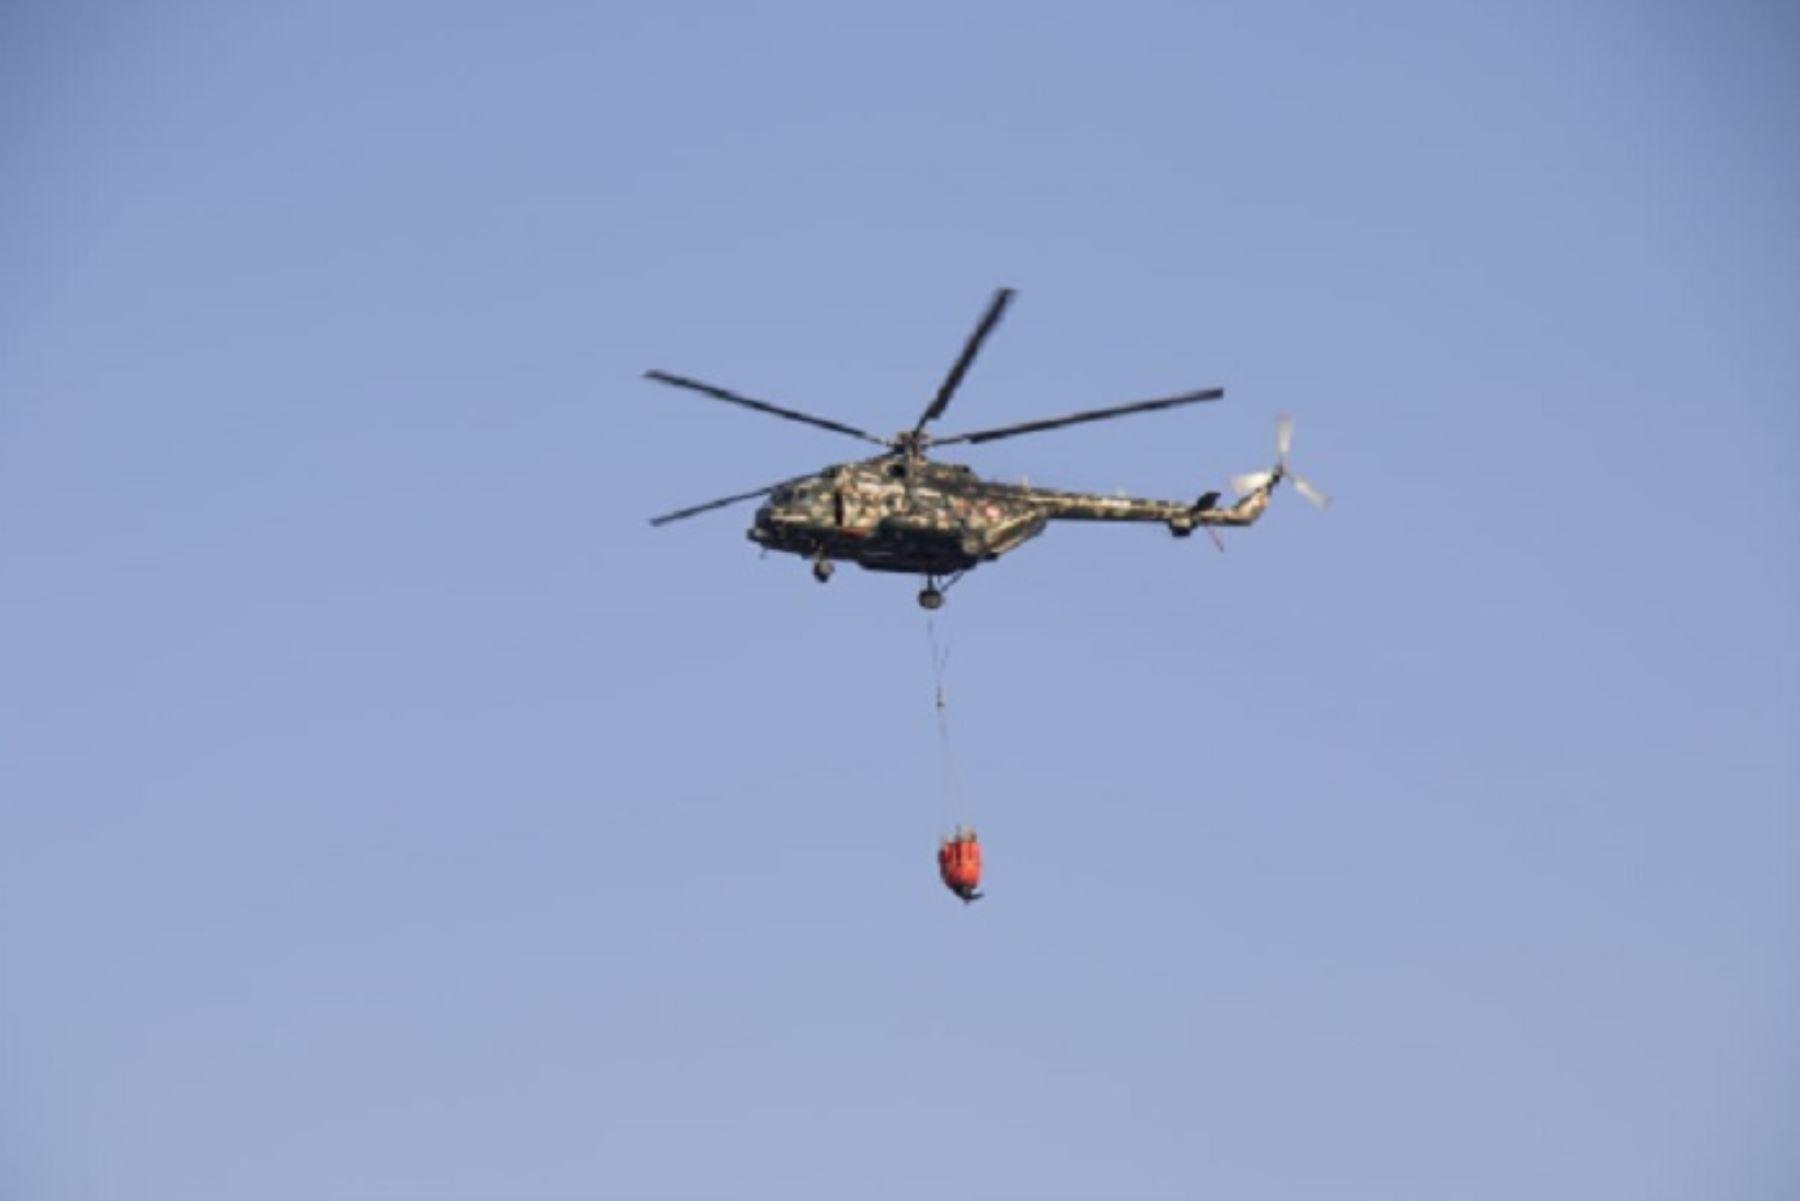 Se reanudaron los trabajos de extinción del incendio forestal que se registra desde el pasado 22 de setiembre en el distrito de Pítipo, provincia de Ferreñafe, región Lambayeque, con el apoyo de un helicóptero del Ejército equipado con sistema Bambi Bucket.